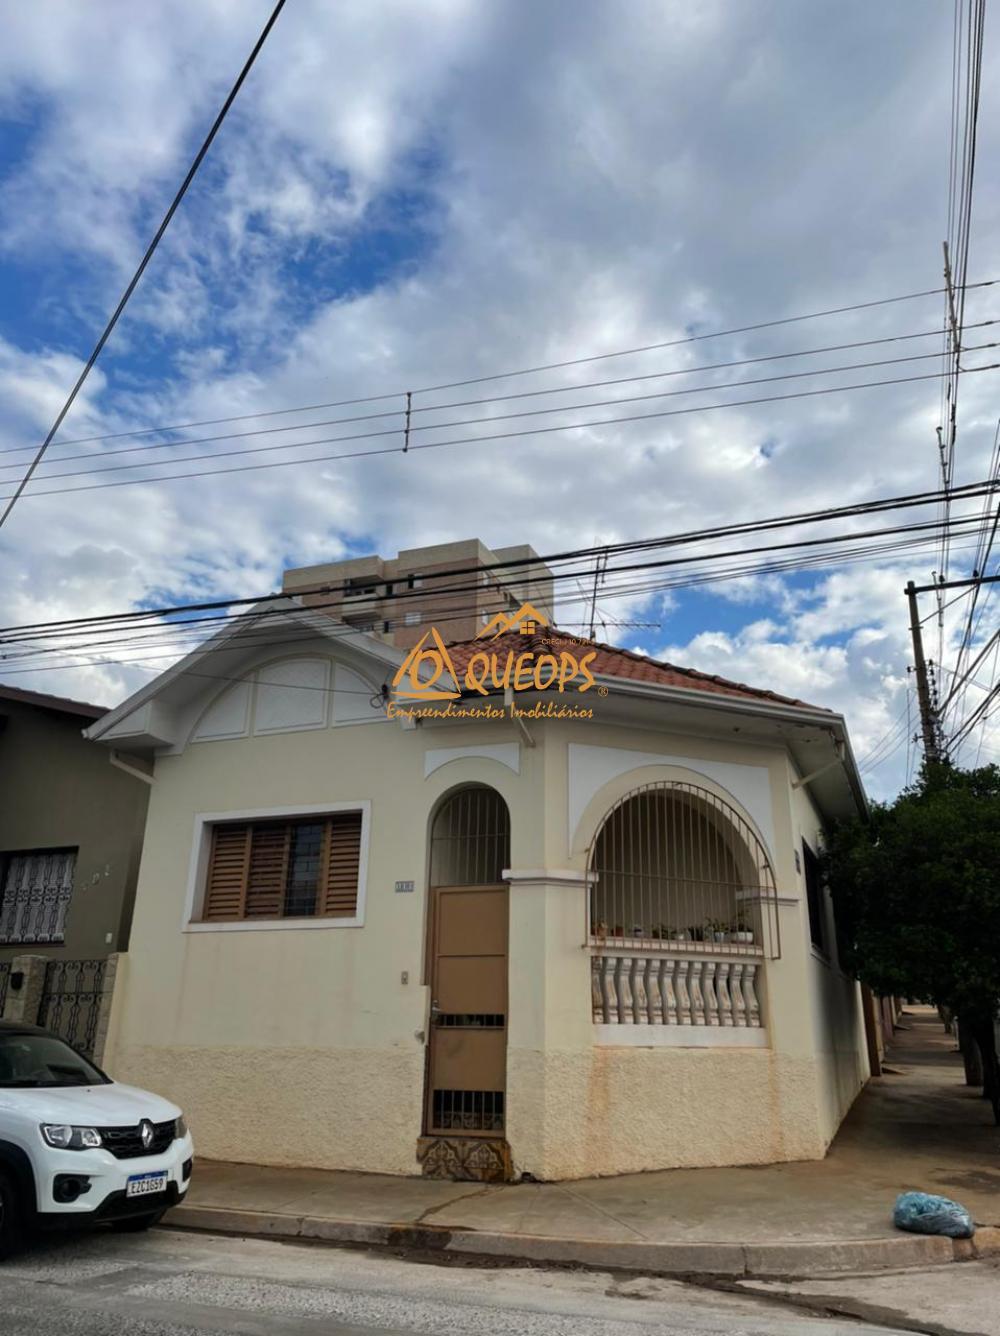 Comprar Casa / Padrão em Barretos R$ 350.000,00 - Foto 2